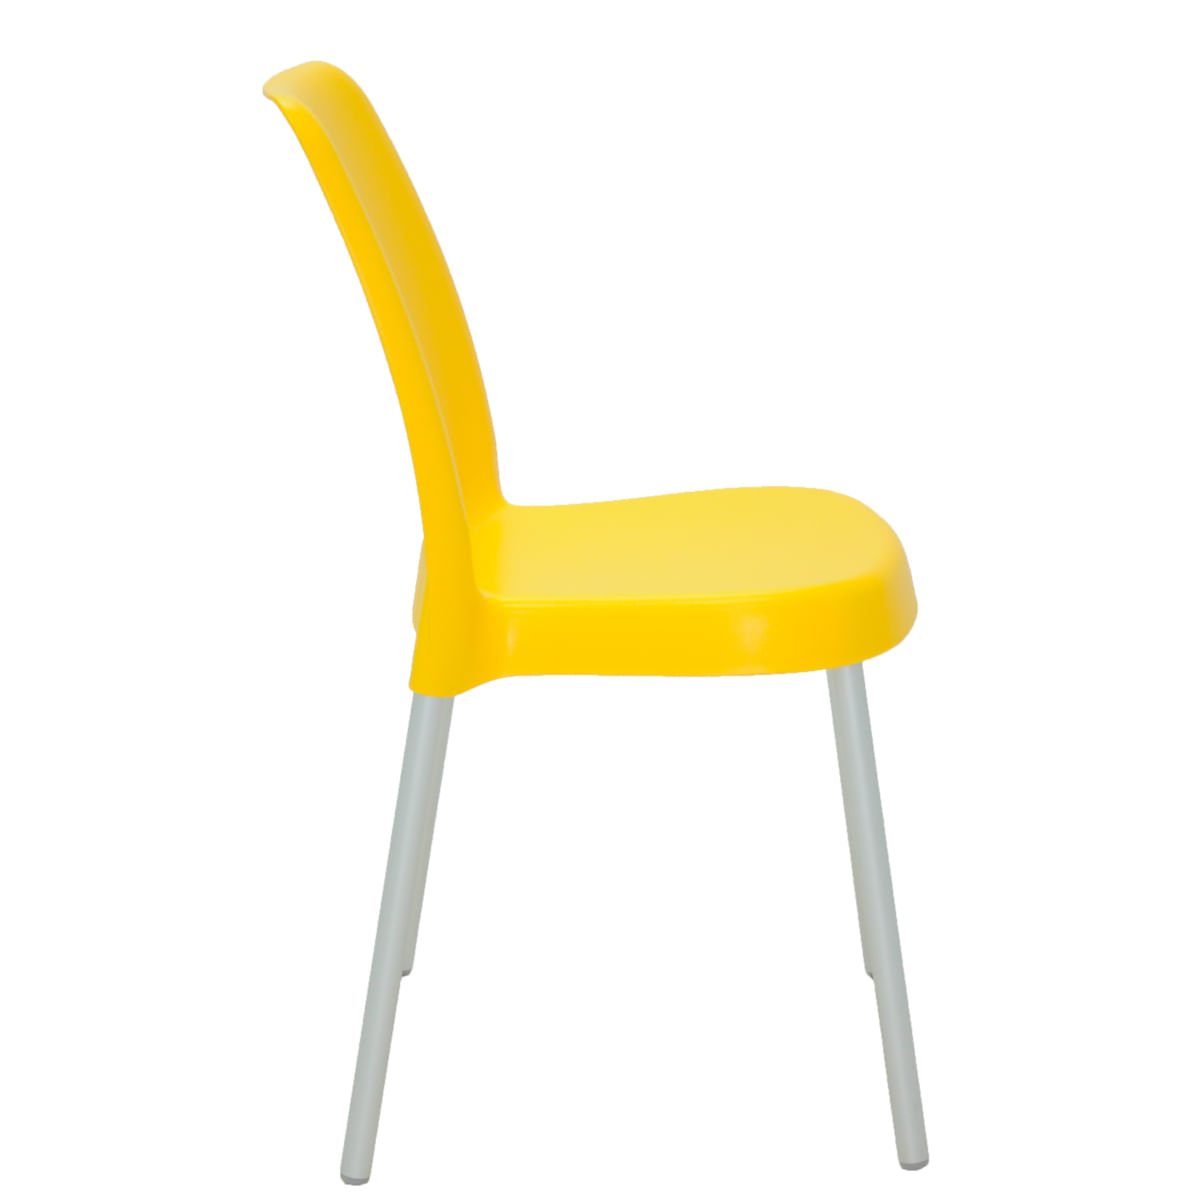 Cadeira Tramontina Vanda Amarela em Polipropileno com Pernas em Alumínio